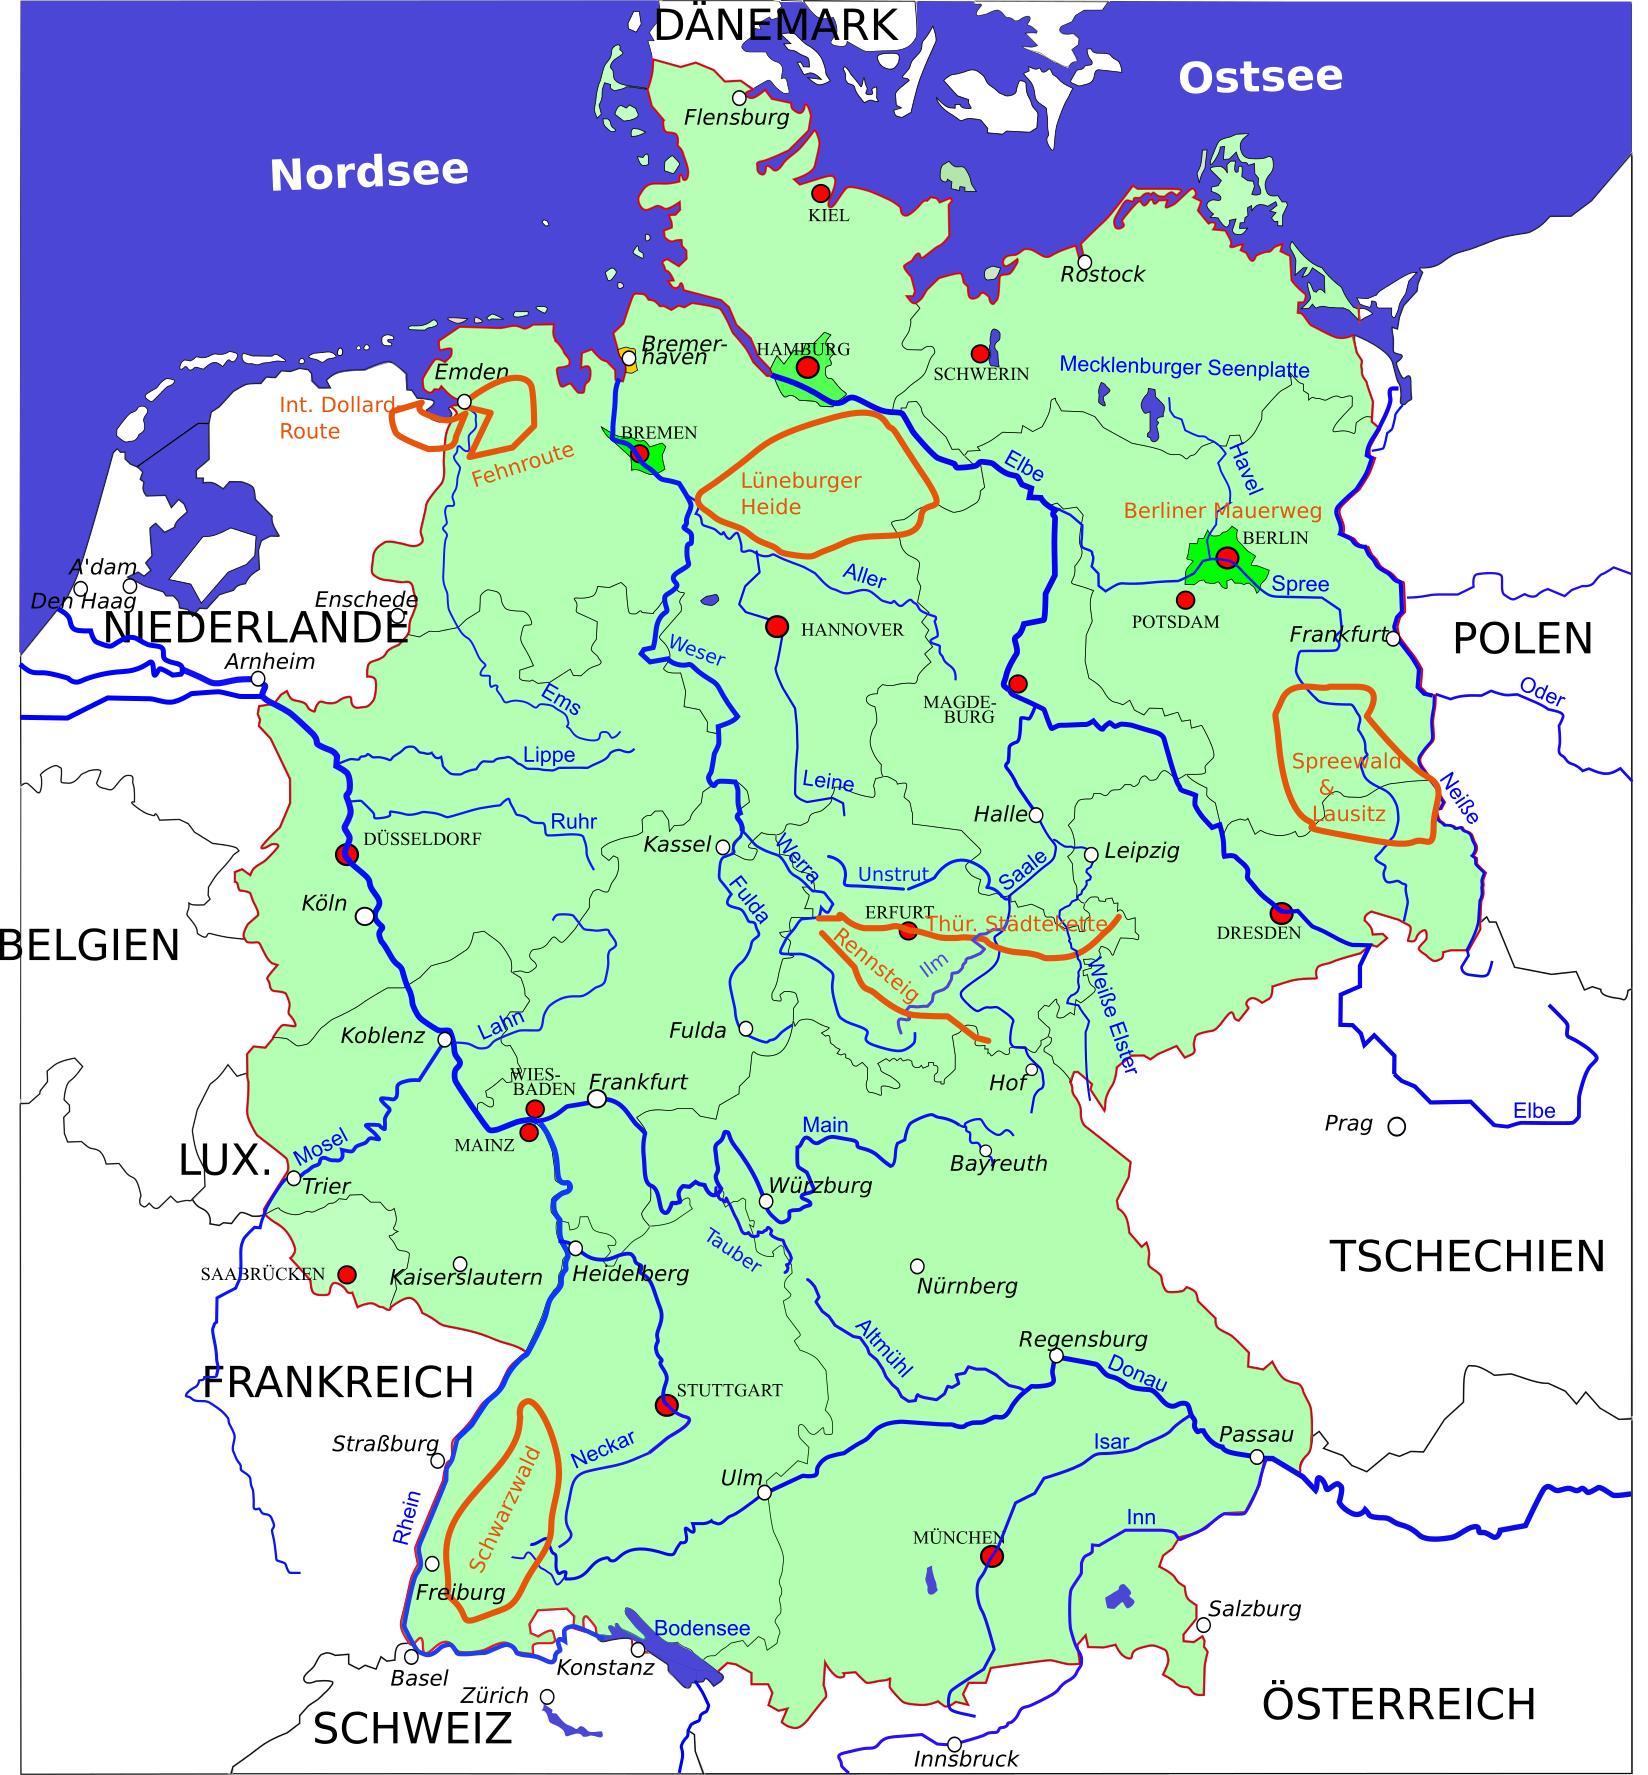 radwege deutschland karte Deutschlandkarte Radwege | Karte